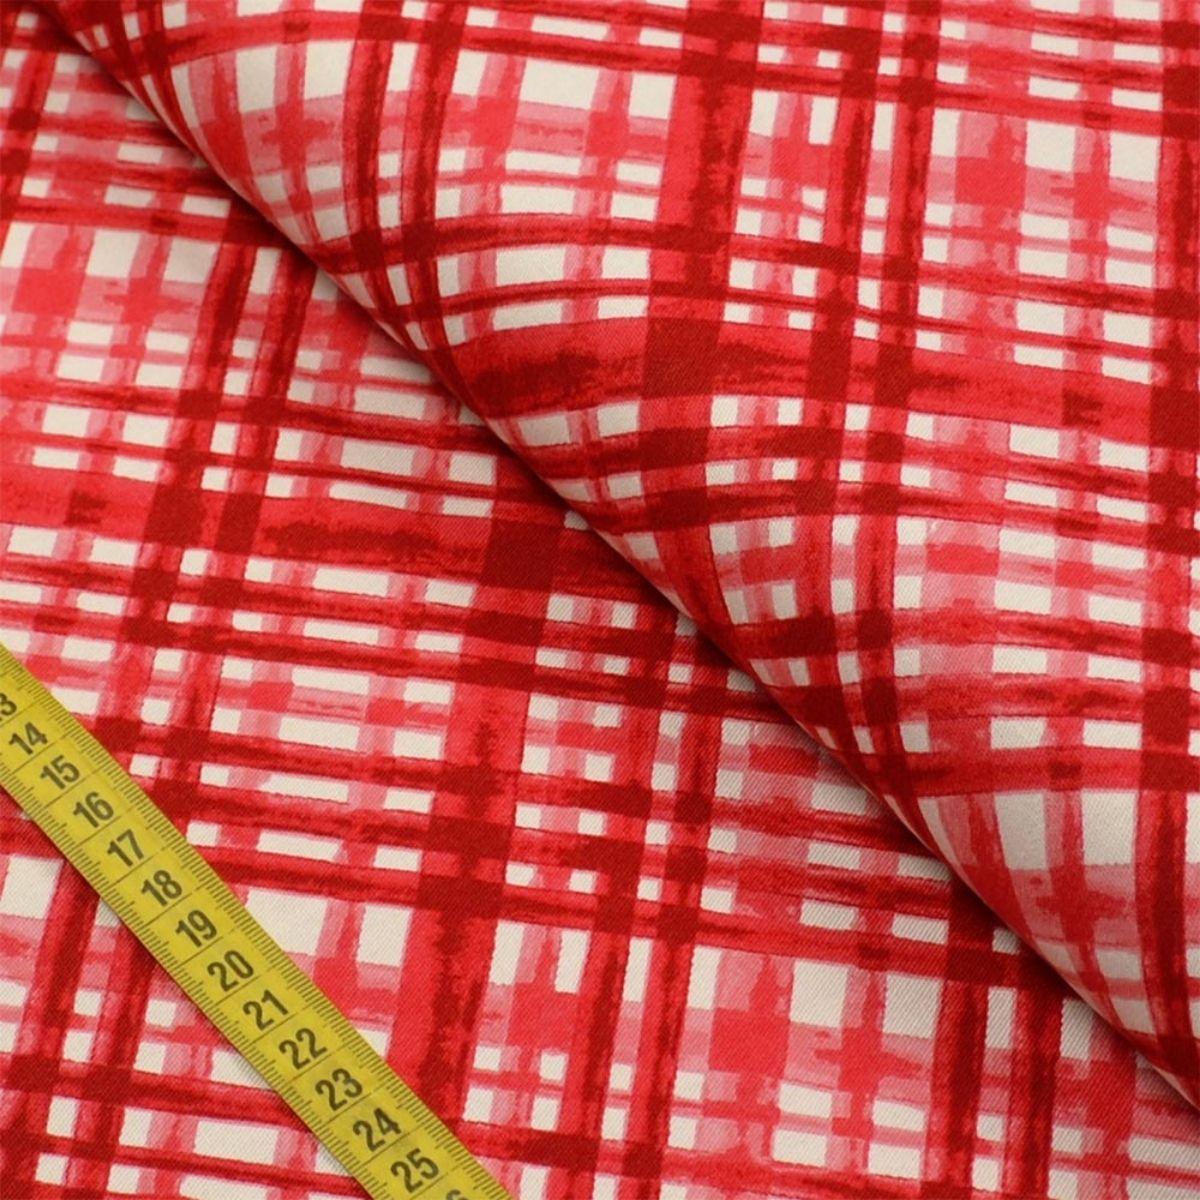 Tecido Sarja 100% Algodão Estampas corte 0,50 cm x 1,50 m de Largura - Coleção Põe na Mesa